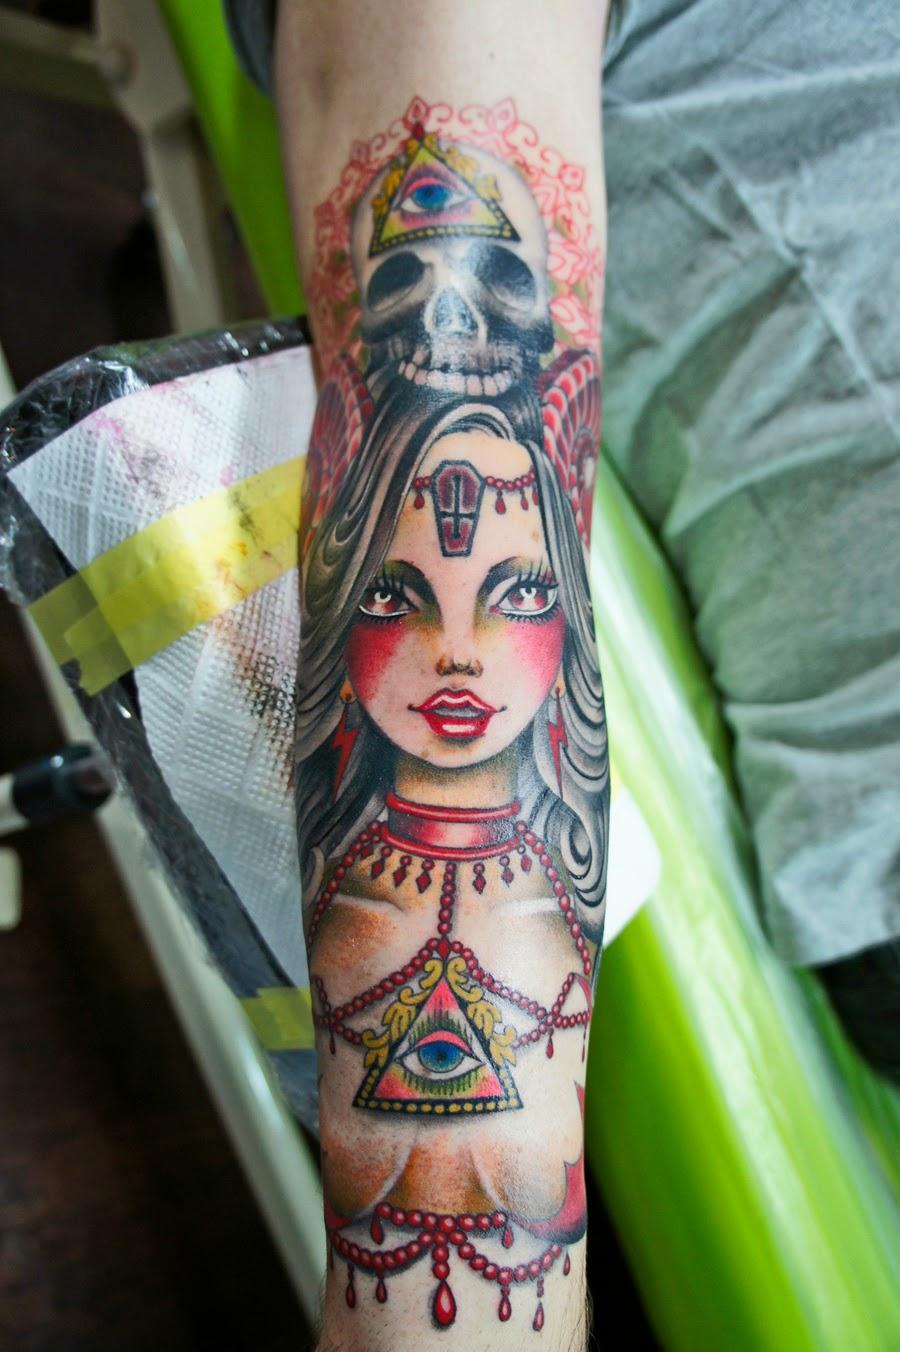 タトゥー pin up girl tattoo ピンナップガール devil Girl デビルガール